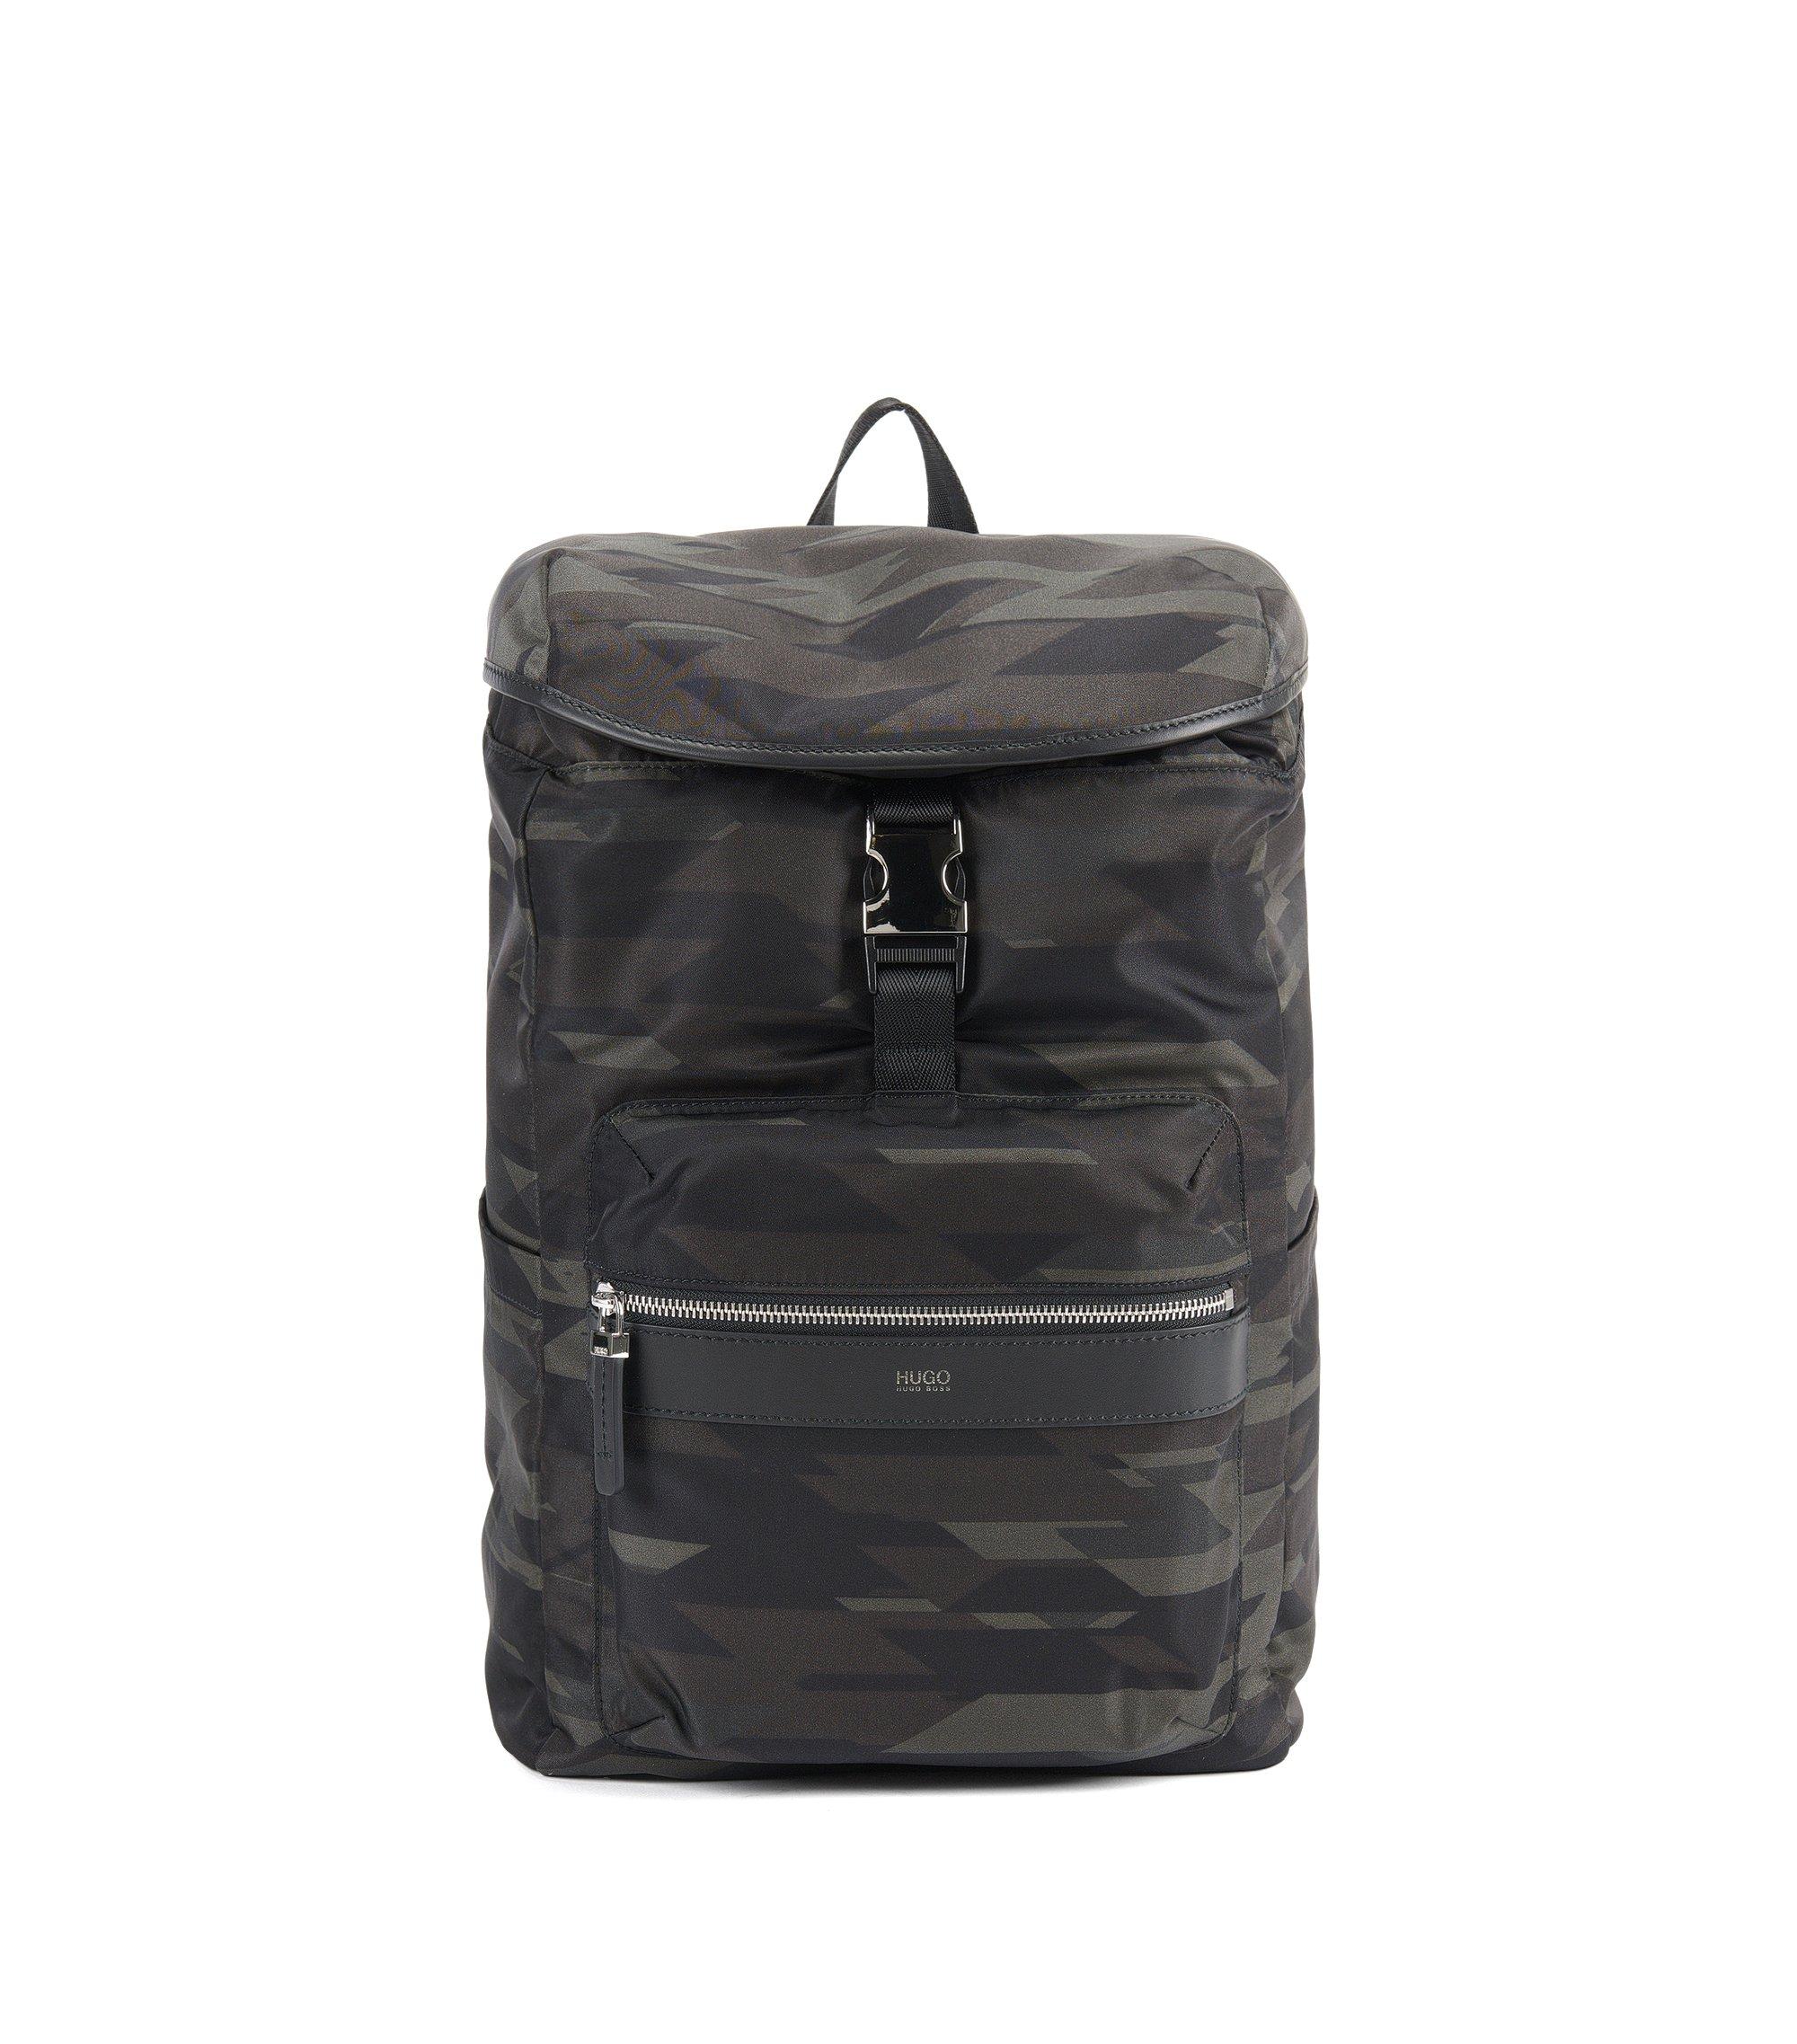 Rucksack aus Nylon mit Camouflage-Print und Leder-Details, Gemustert